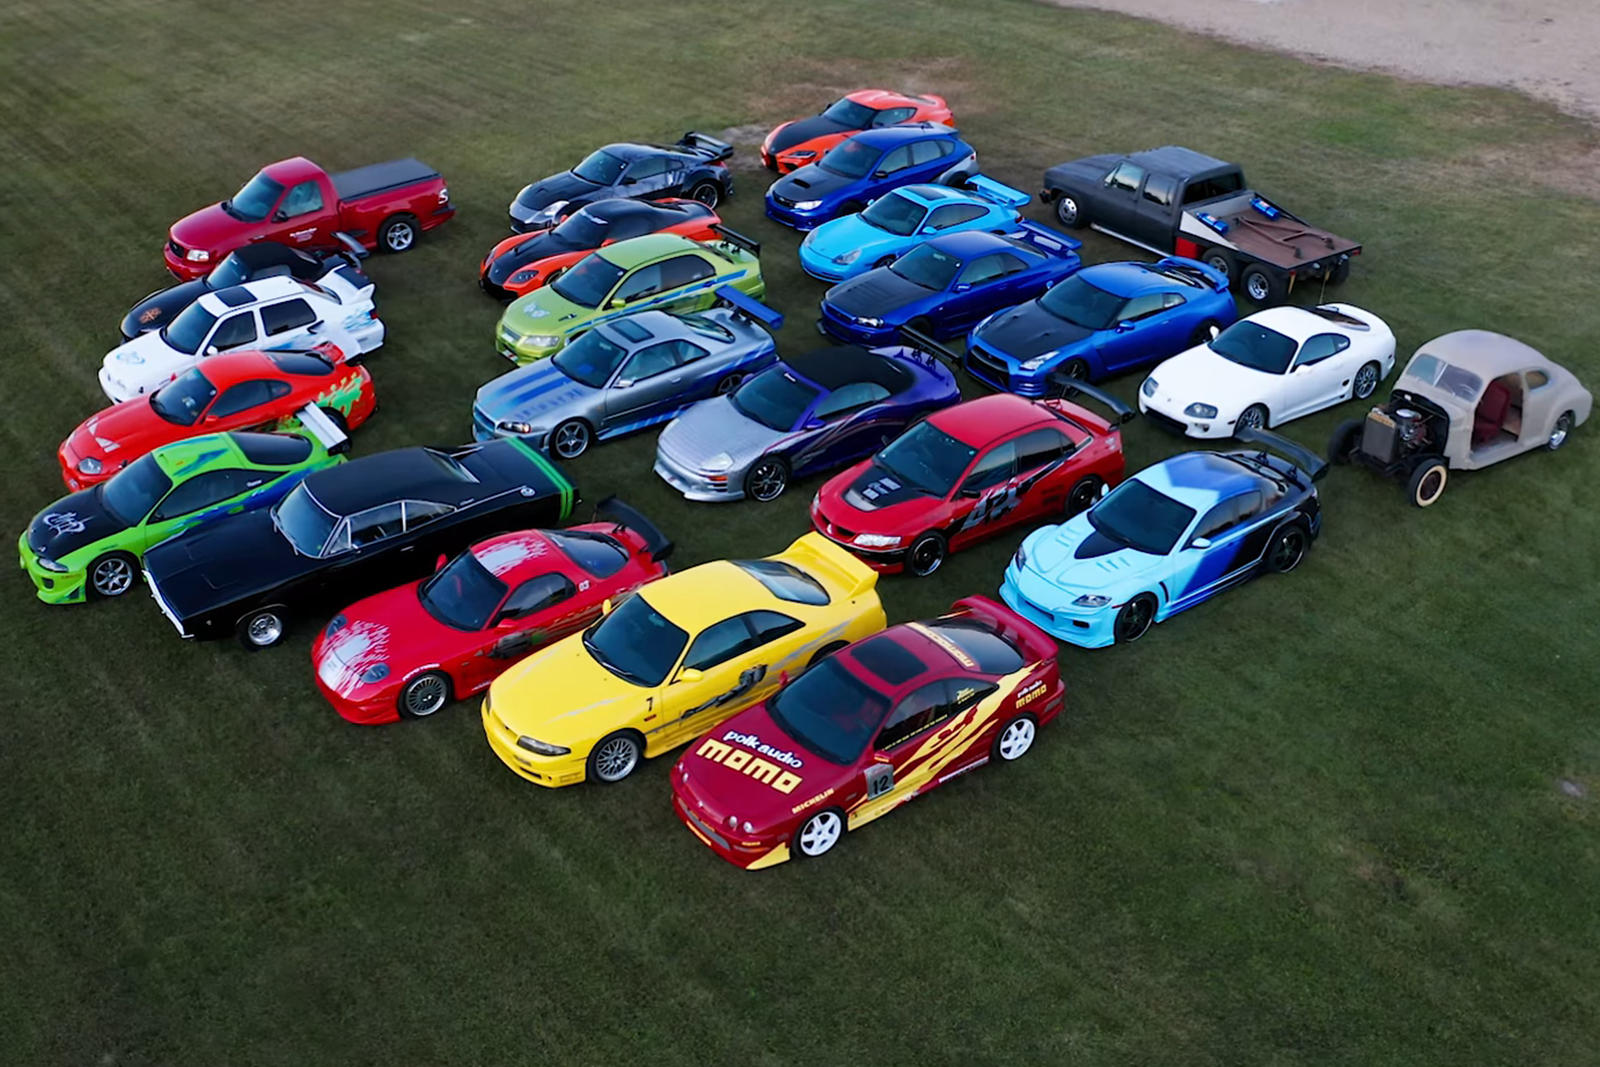 Среди автомобилей в его уникальной коллекции - зеленый Mitsubishi Evo 8, созданный по аналогии с автомобилем из «Двойного форсажа». В фильме автомобиль был модифицирован с помощью RWD, чтобы он мог лучше проходить повороты, но Хорхе оставил его в сто